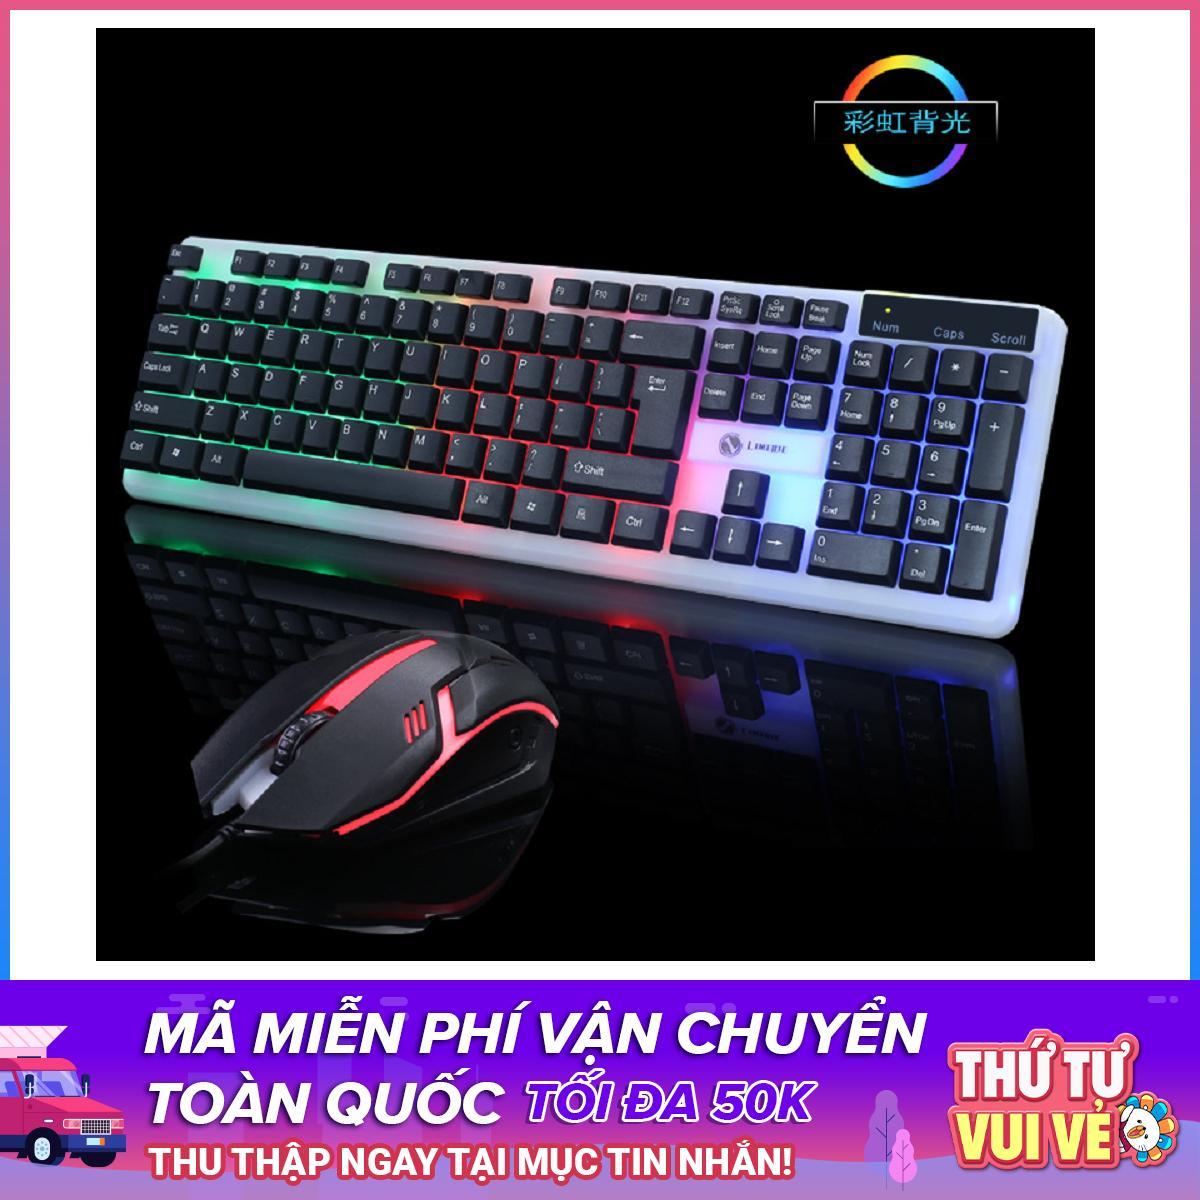 Bộ bàn phím và chuột LIMEIDE T11 chuyên Game Led 7 màu